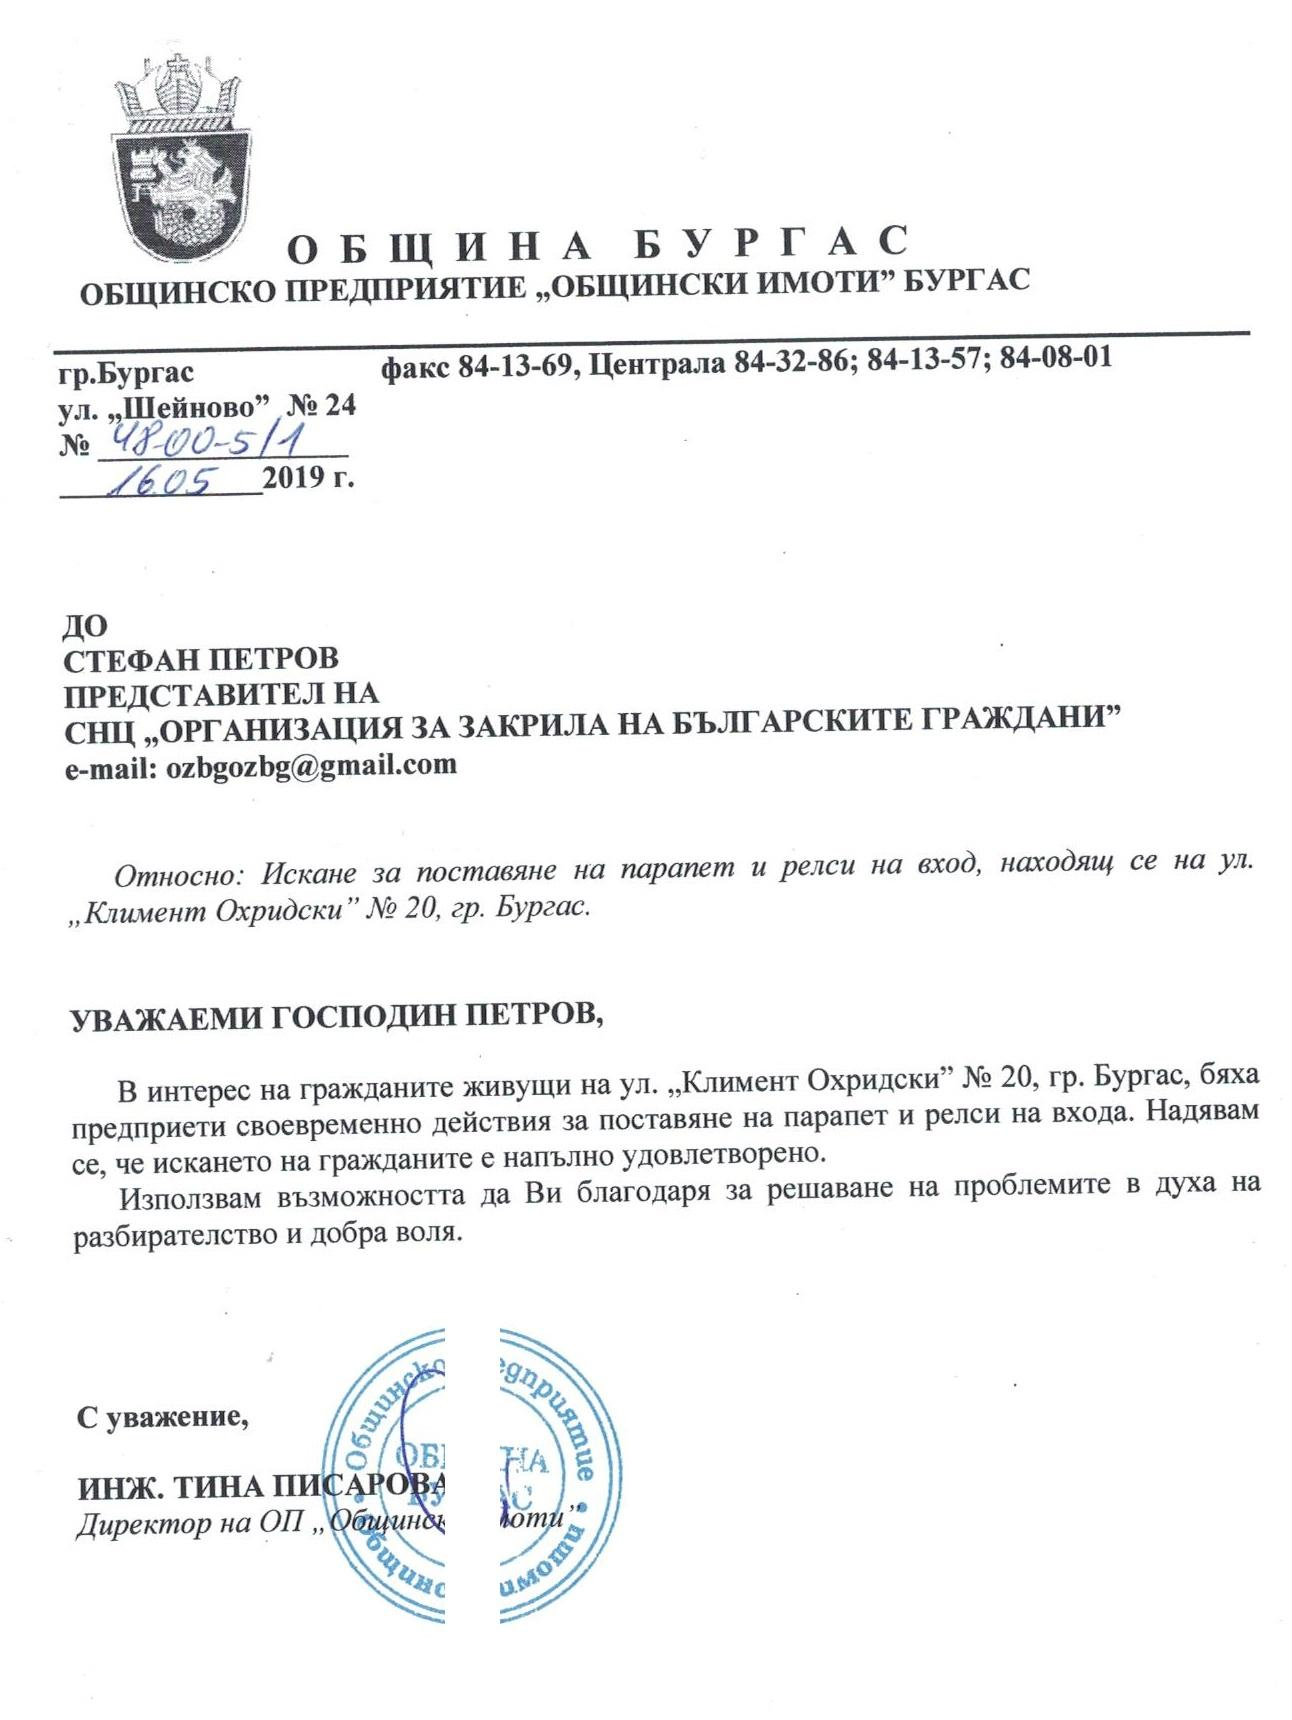 Отговор от Тина Писарова